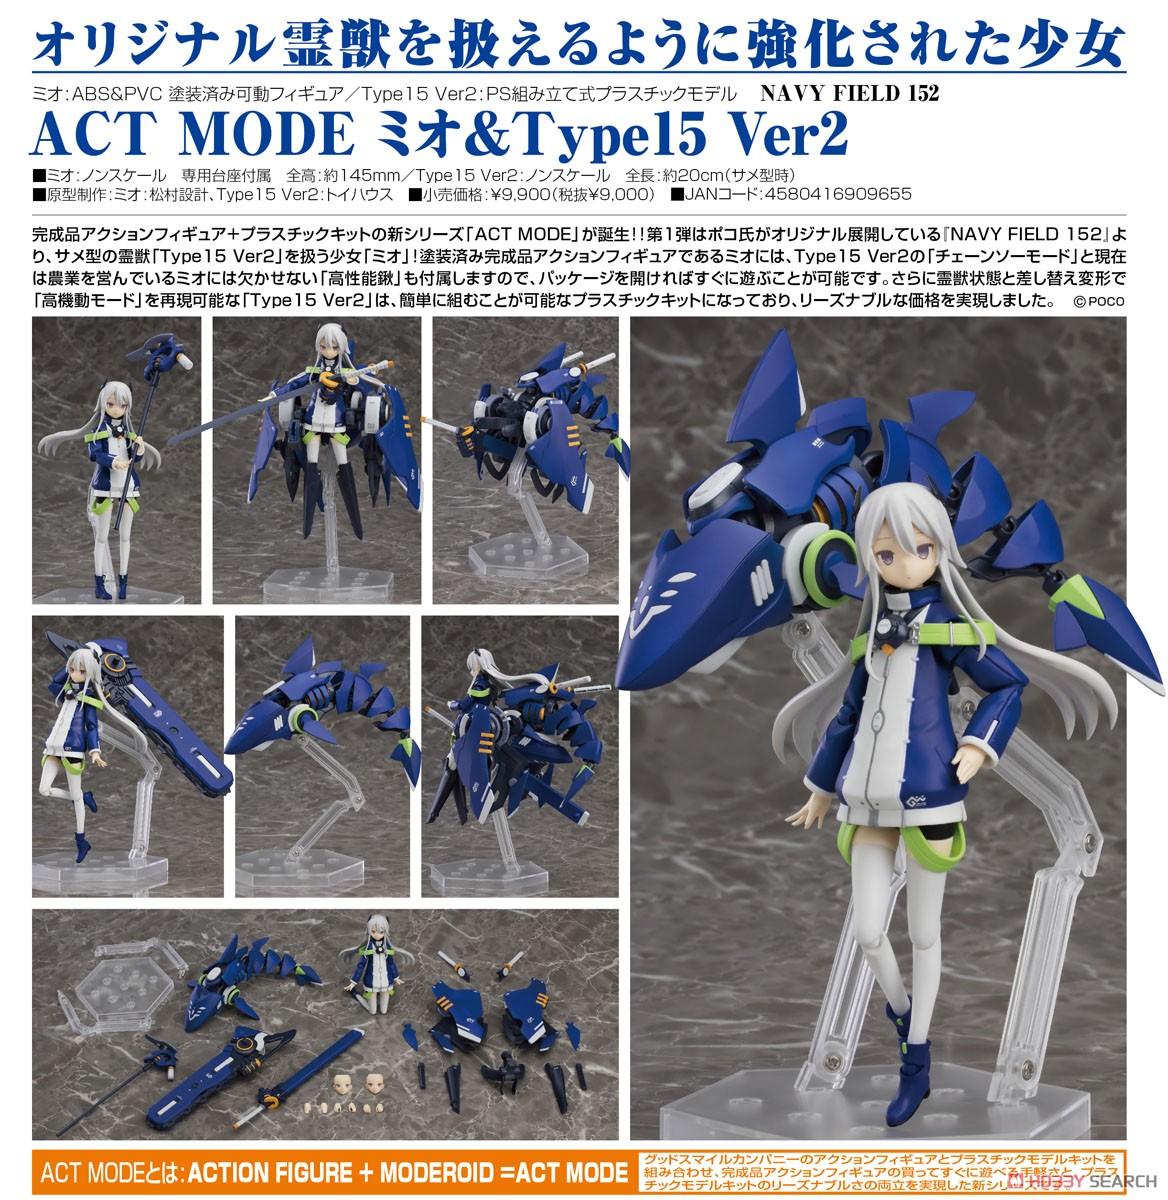 ACT MODE NAVY FIELD 152 ミオ&Type15 Ver2 可動フィギュア&プラモデルFIGURE-054078_11